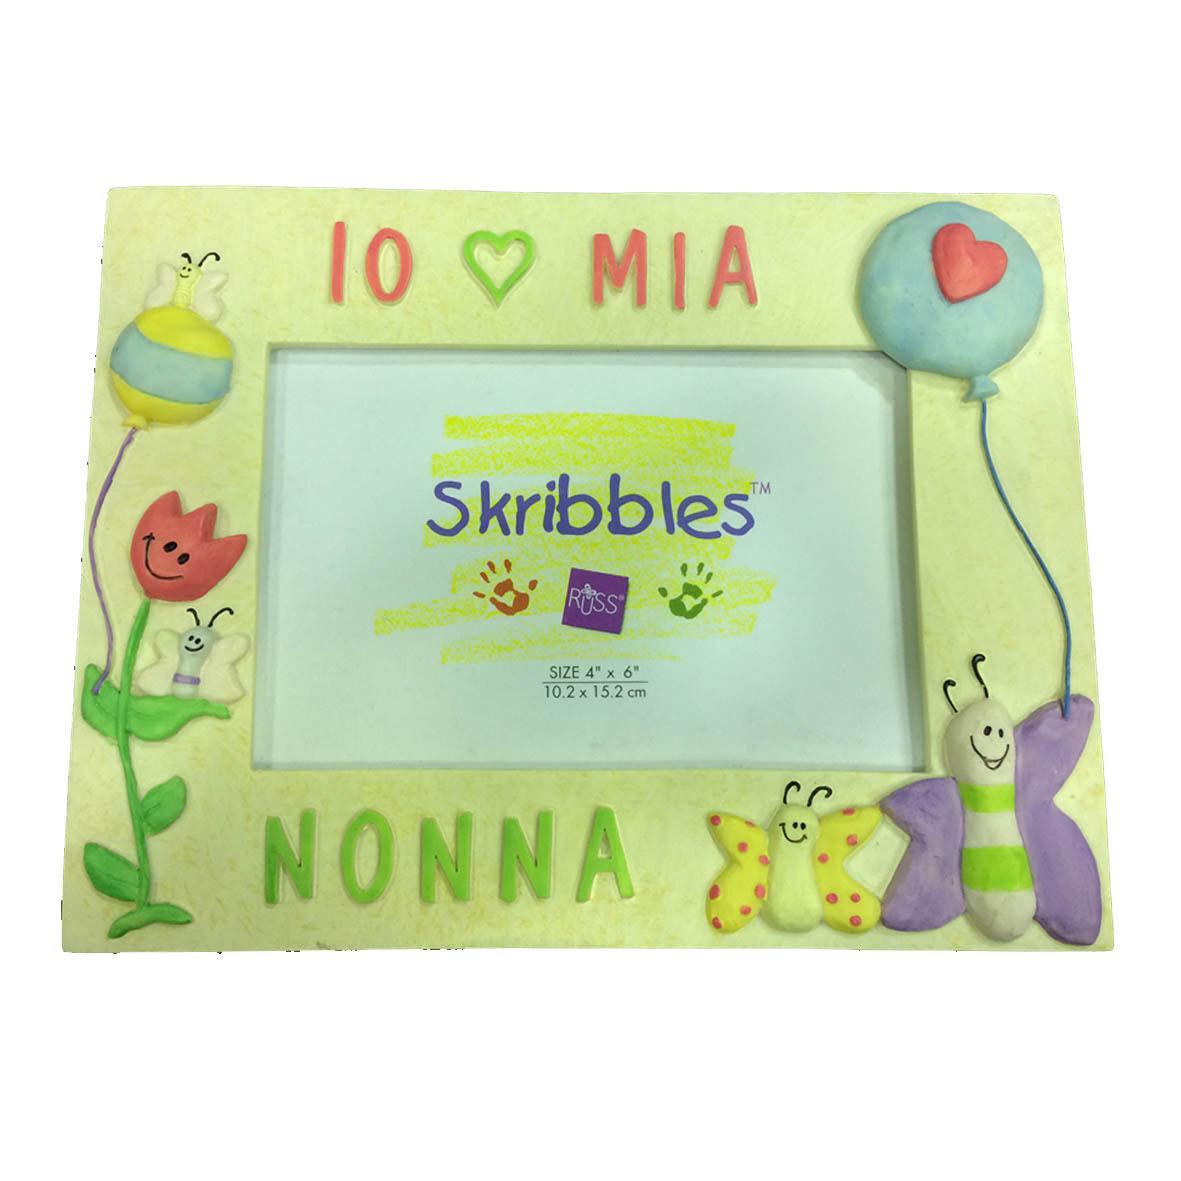 NONNA Cornice in resina beige con farfalle e palloncini IO MIA NONNA 21,5x17 cm